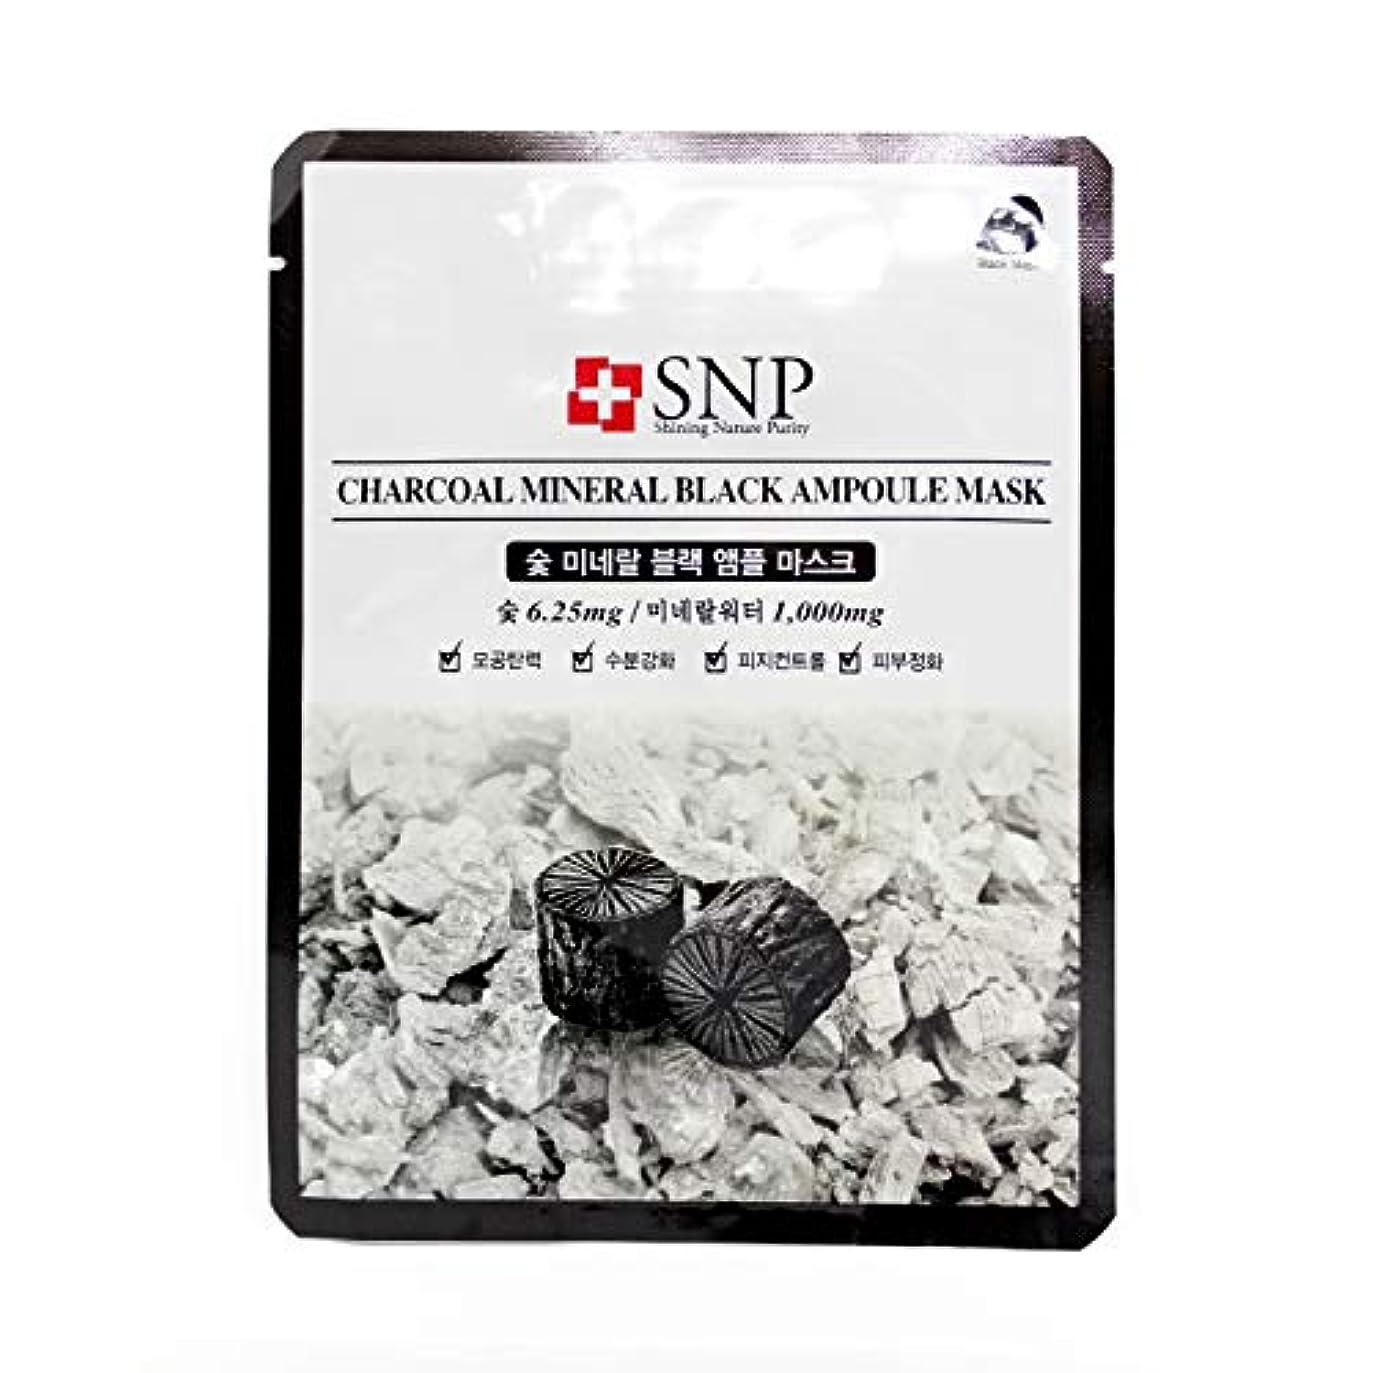 休憩する光がっかりするSNP エスエヌピー 炭 ミネラル ブラック アンプル マスク 10枚セット